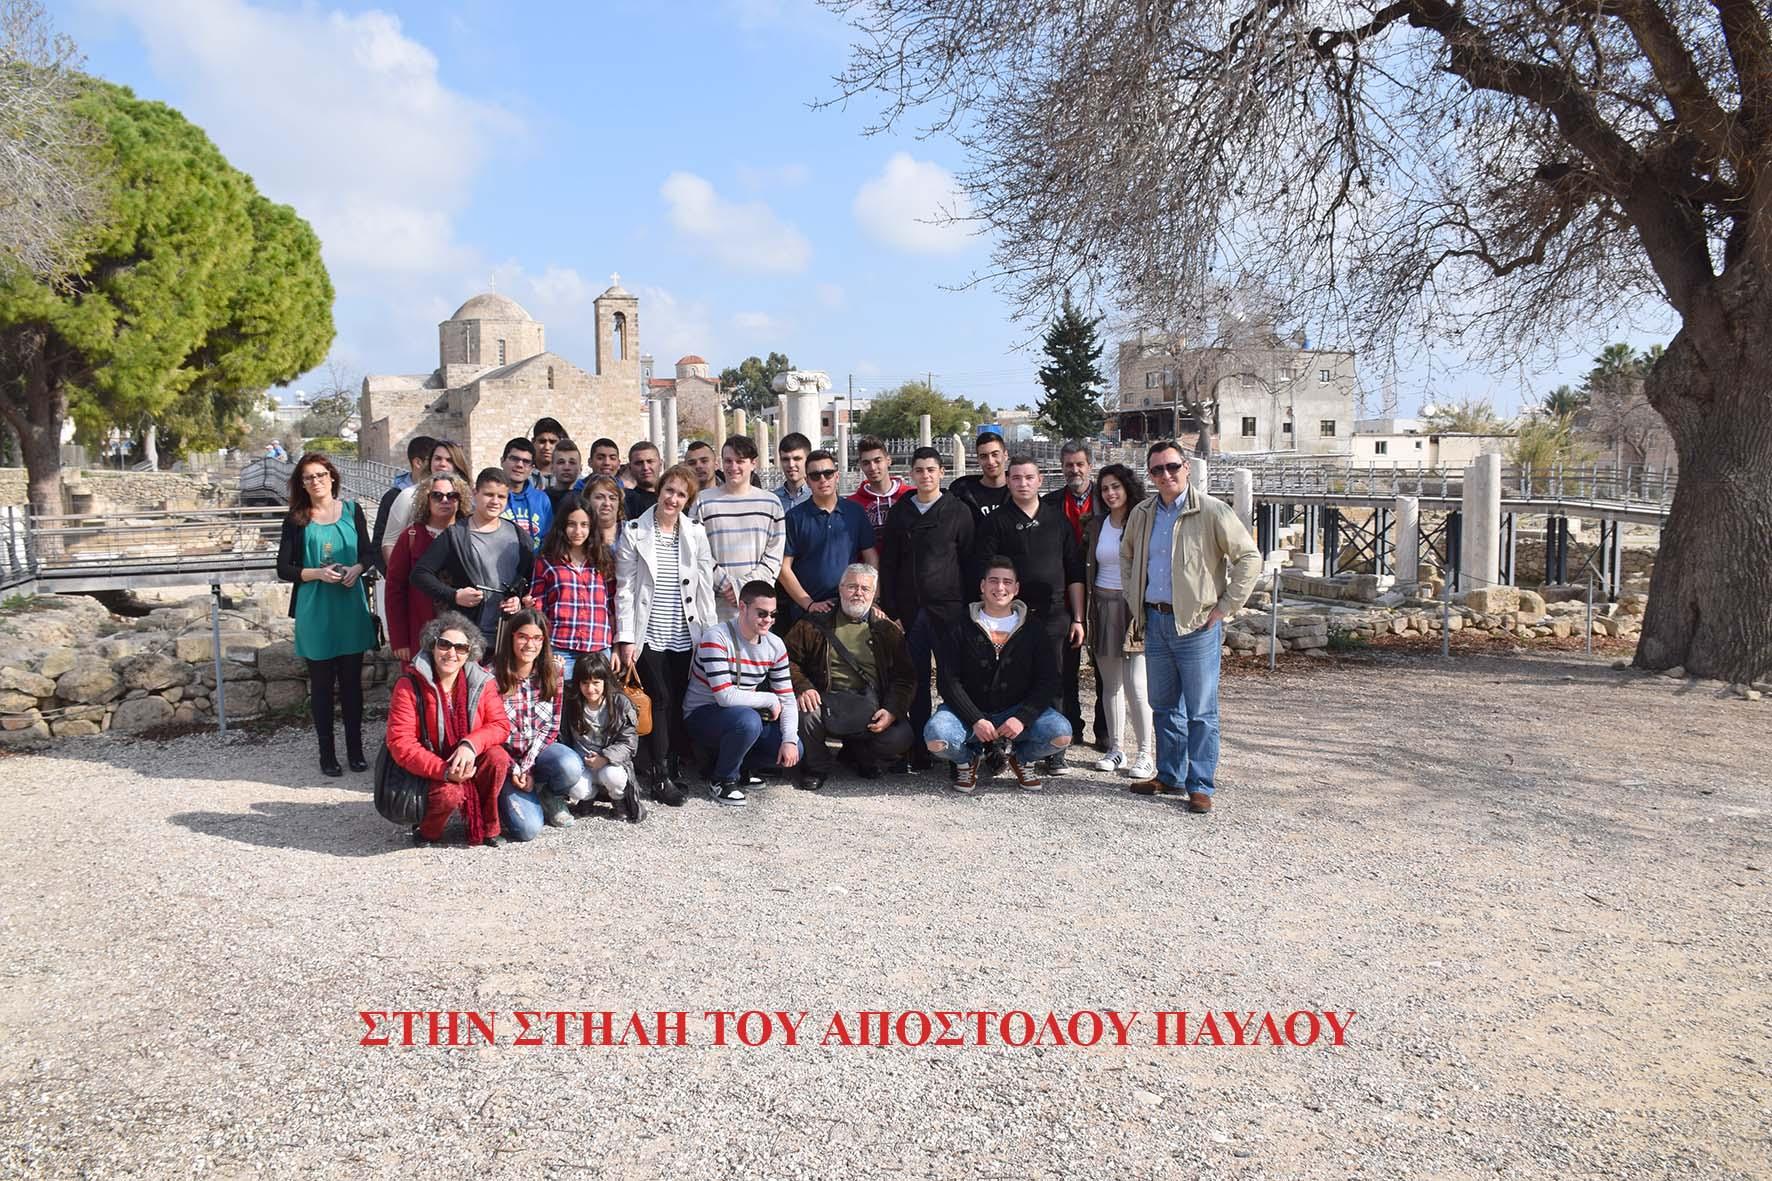 2016 Εκδρομή-Κύπρος_0249